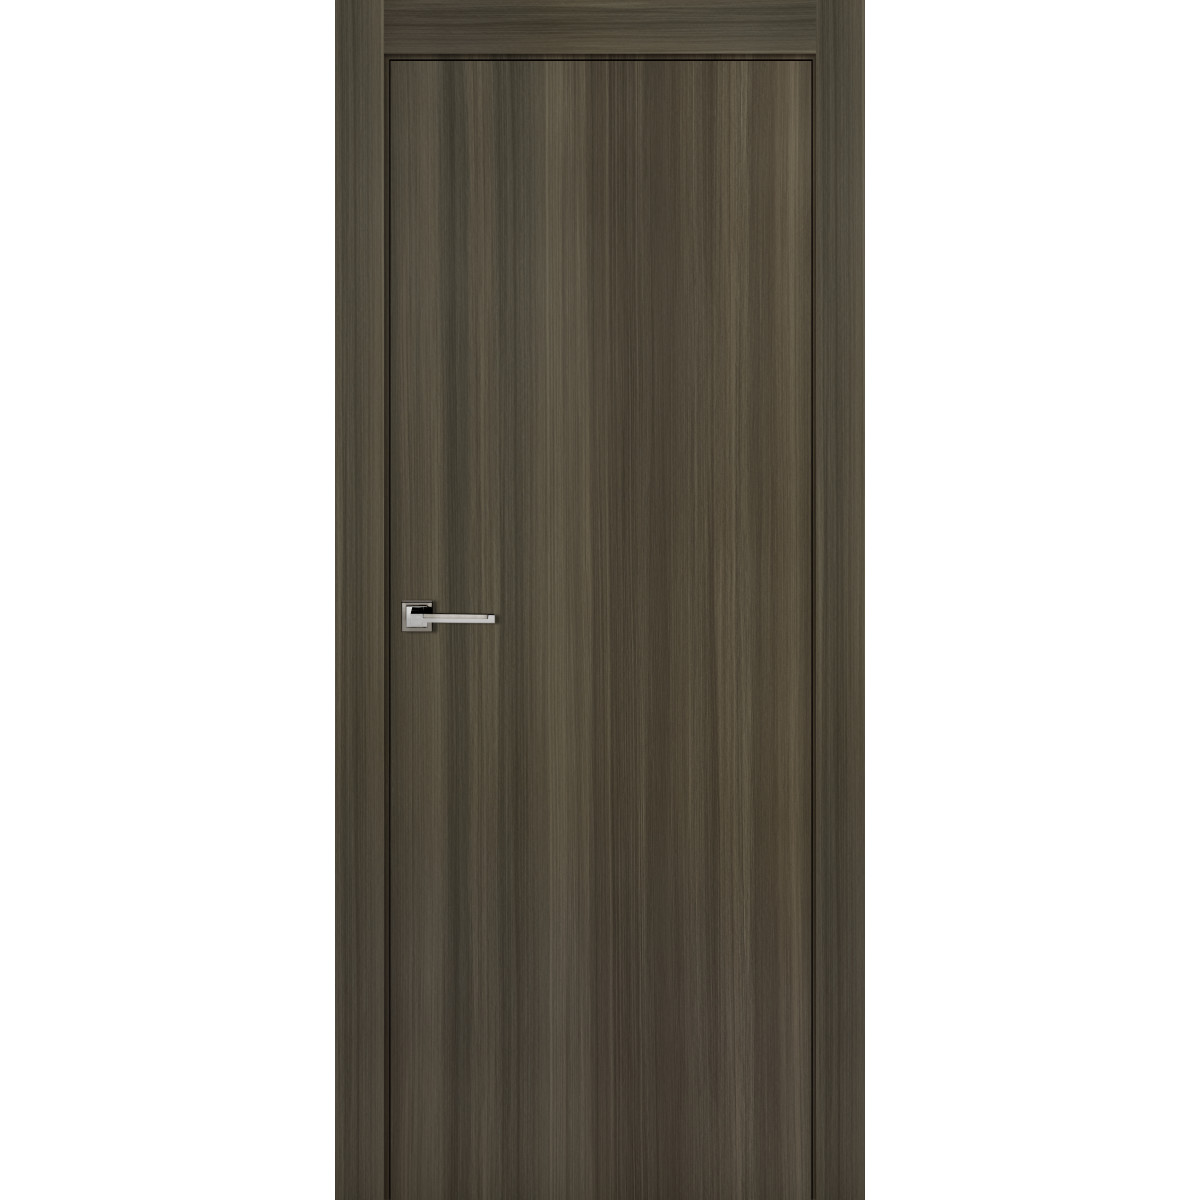 Дверь межкомнатная глухая Селена 200x90 см цвет сандал